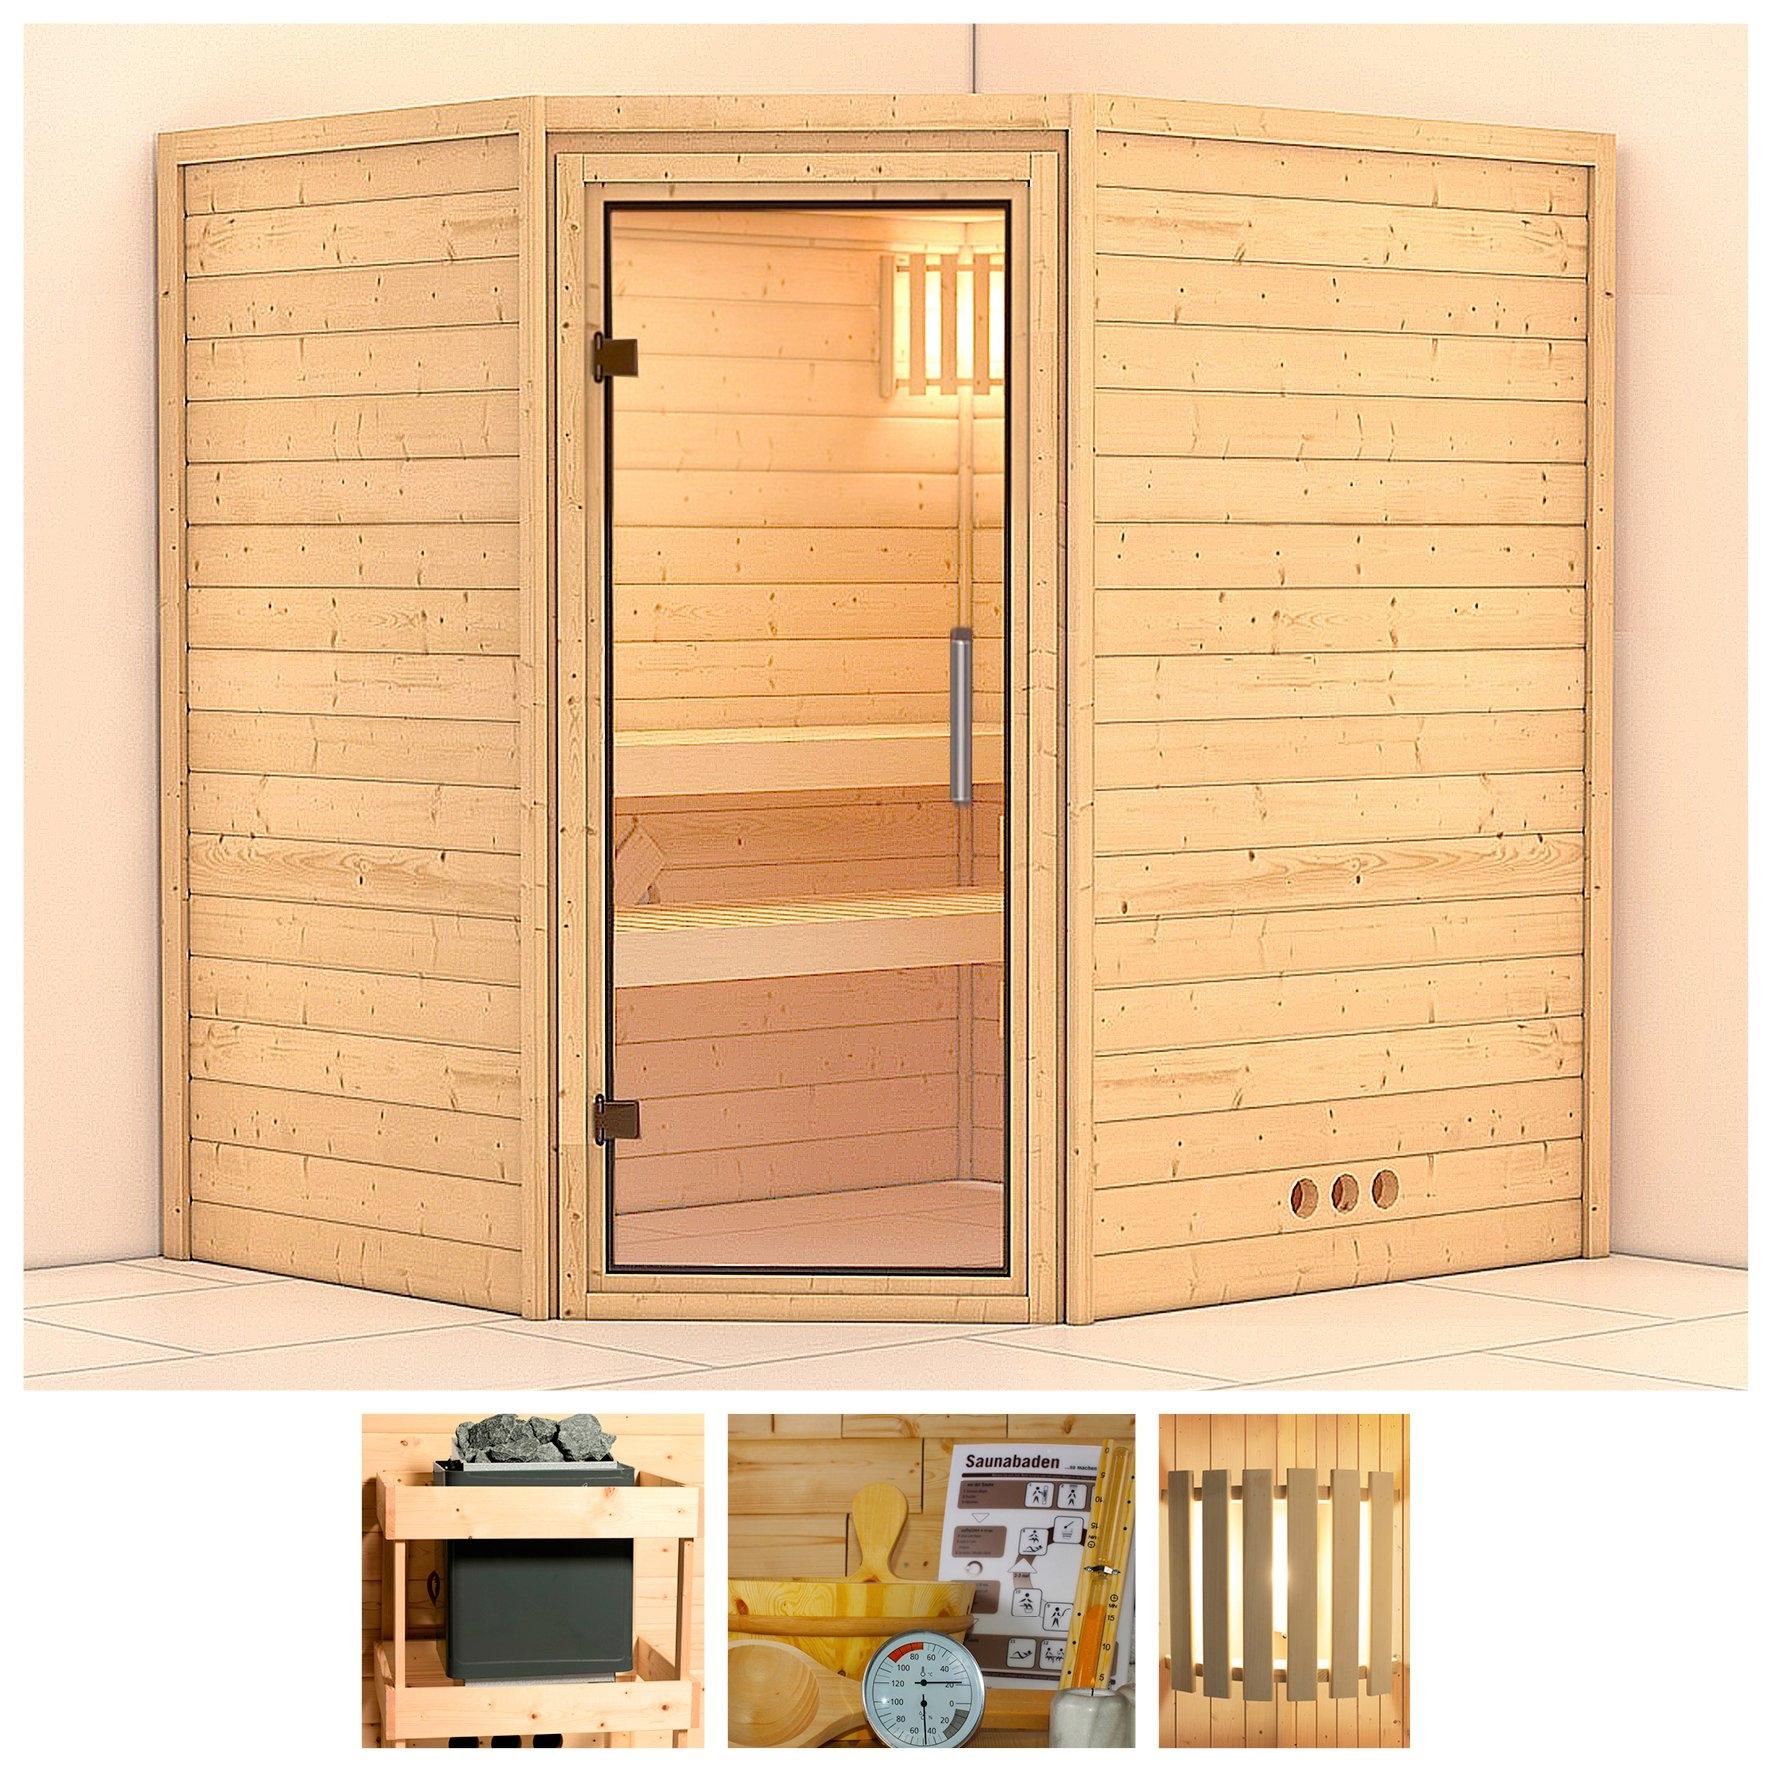 KONIFERA sauna »Mia«, 196/170/200 cm, ohne Ofen, Glastür klar online kopen op otto.nl